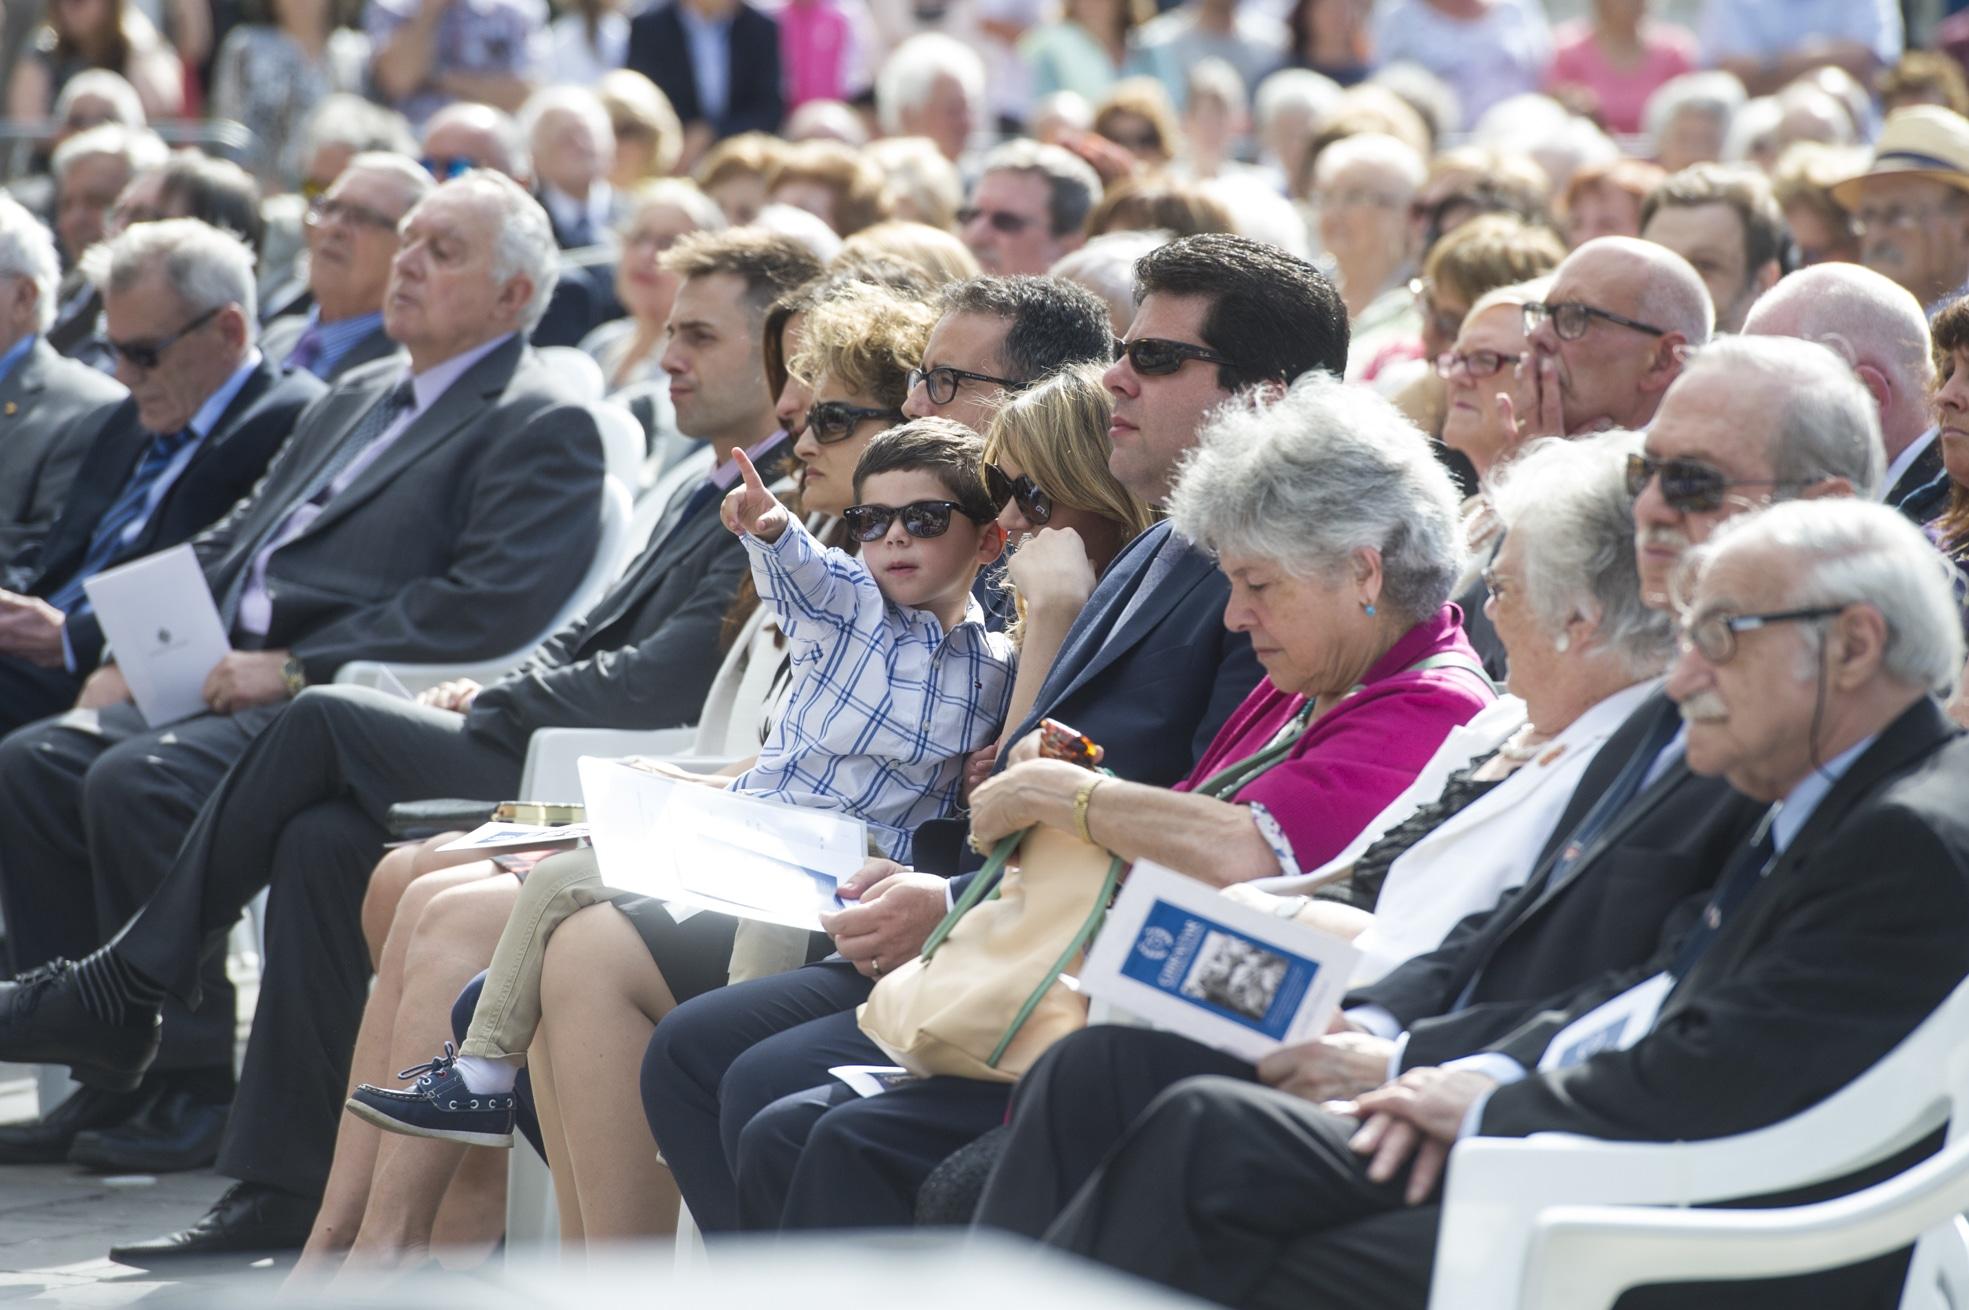 ceremonia-75-anos-evacuacion-gibraltar-22052015-15_17374697793_o